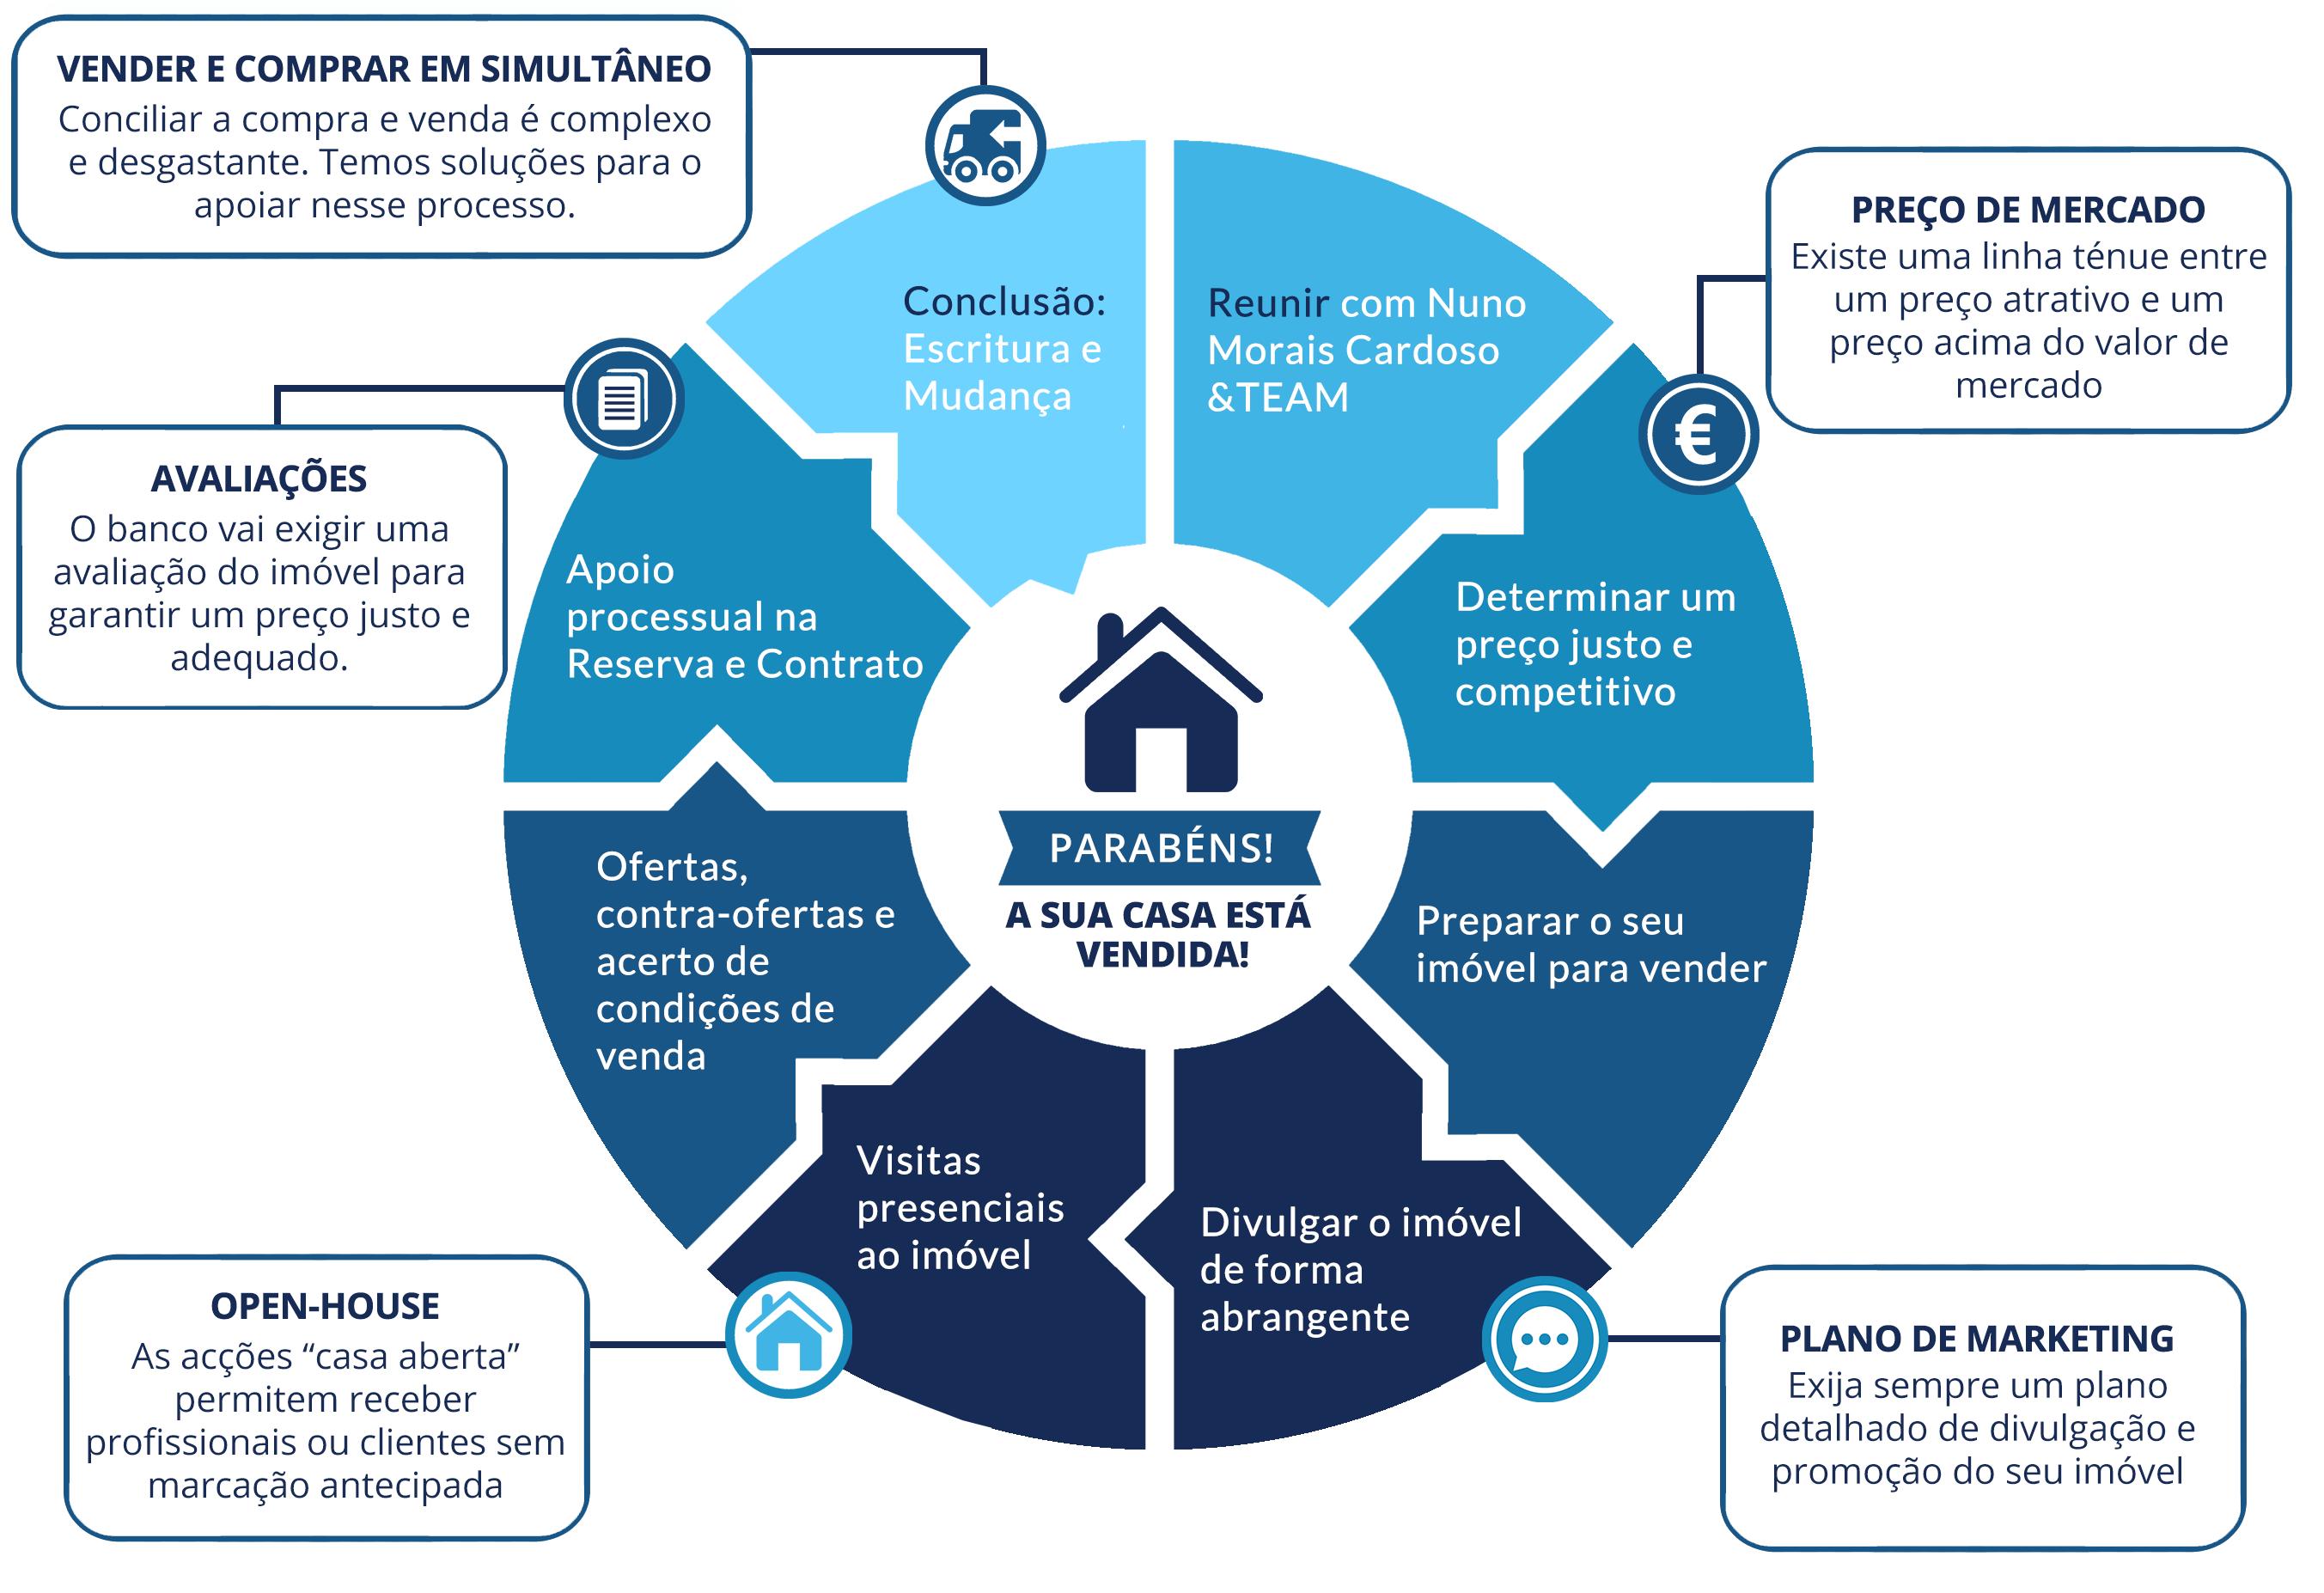 Infográfico com etapas de venda de imóveis